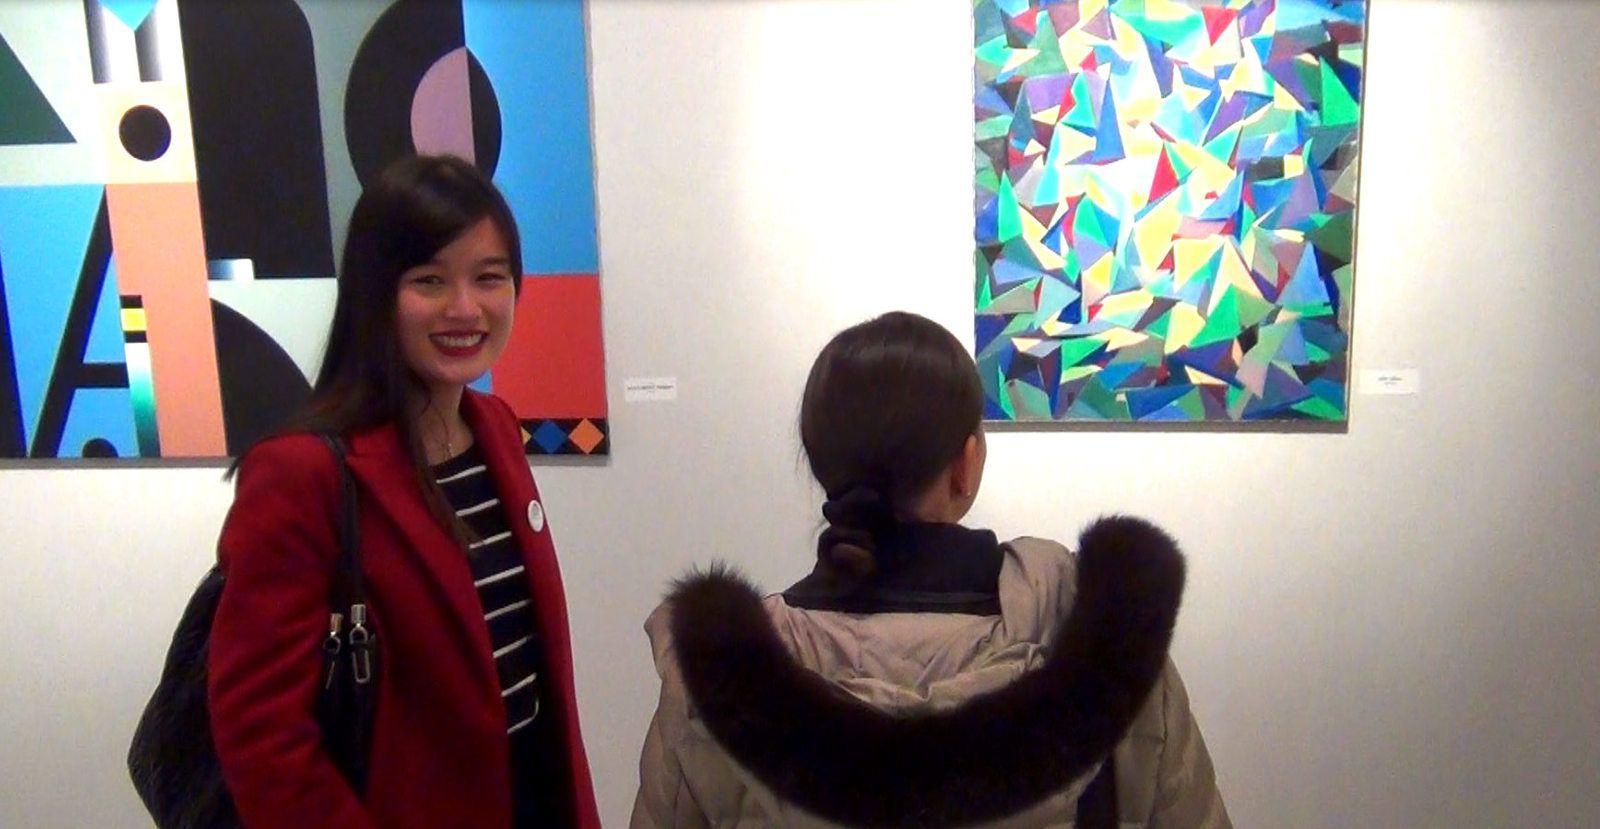 Autres images de la soirée de You Xilun au Salon...